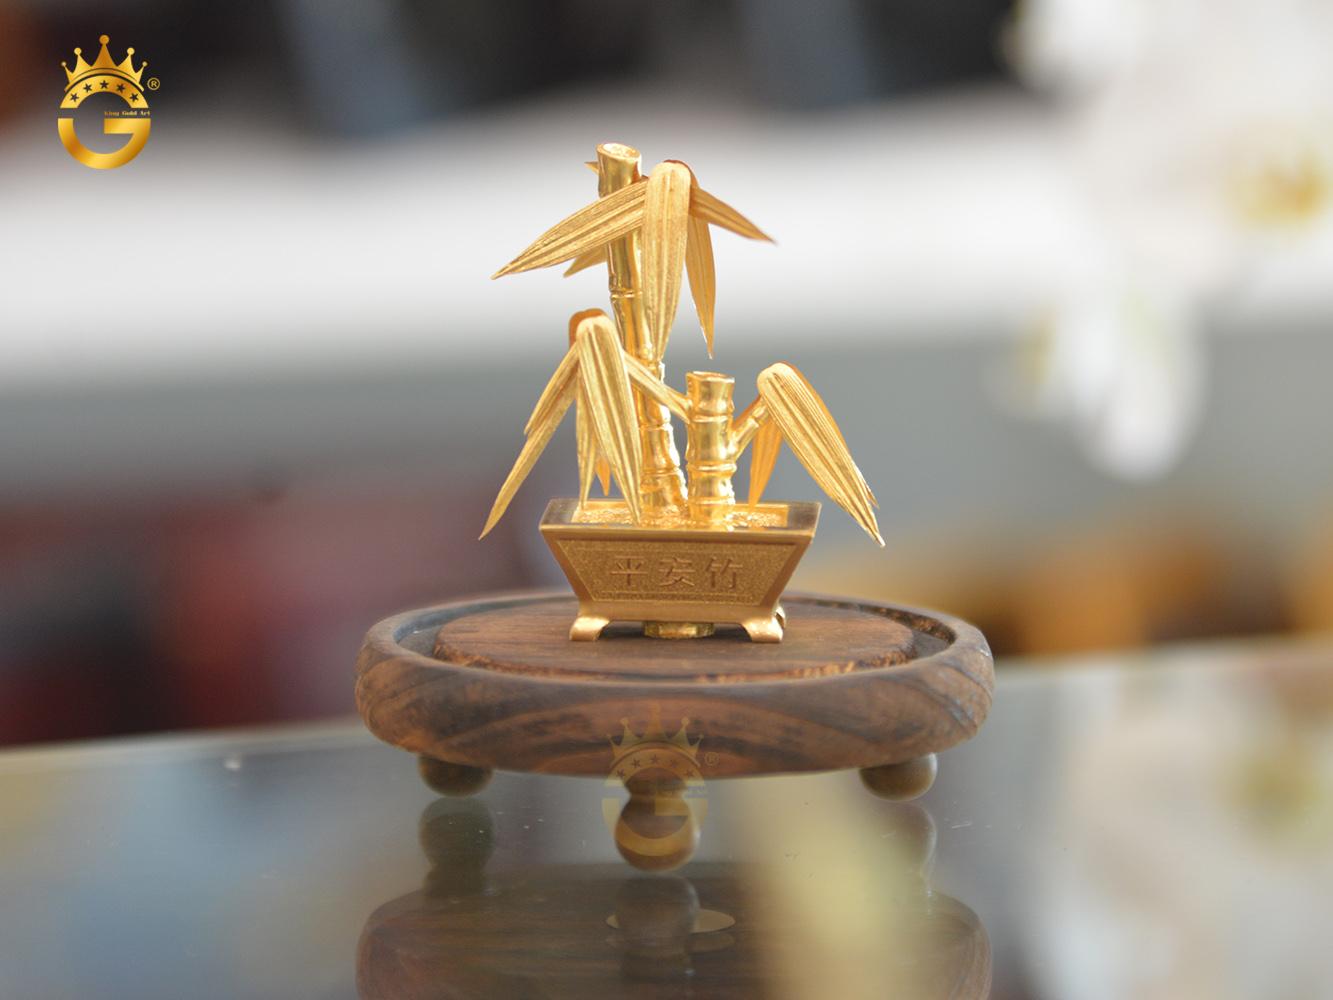 Cây trúc dát vàng 24k- quà tặng độc đáo mà sang trọng